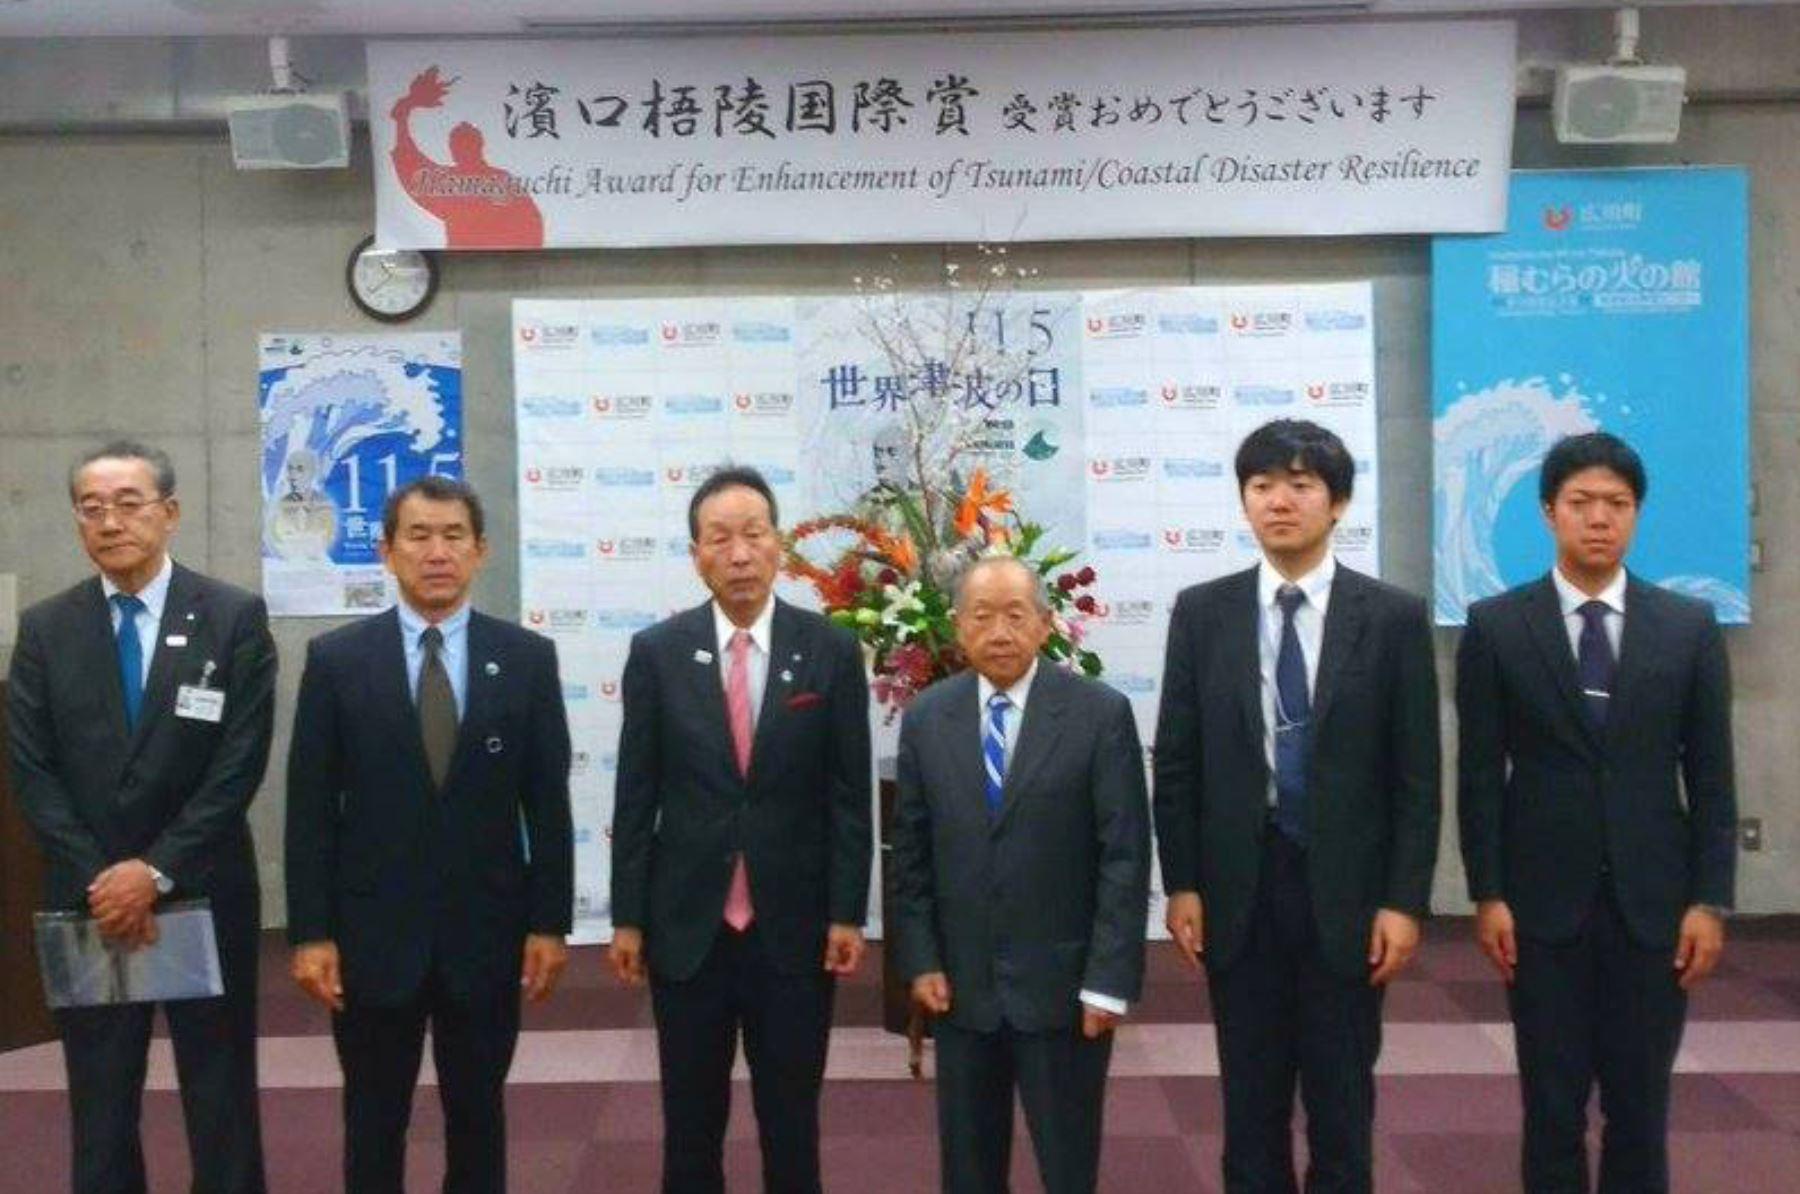 Resultado de imagen para Julio Kuroiwa es premiado en Japón por ayudar a proteger ciudades contra tsunamis